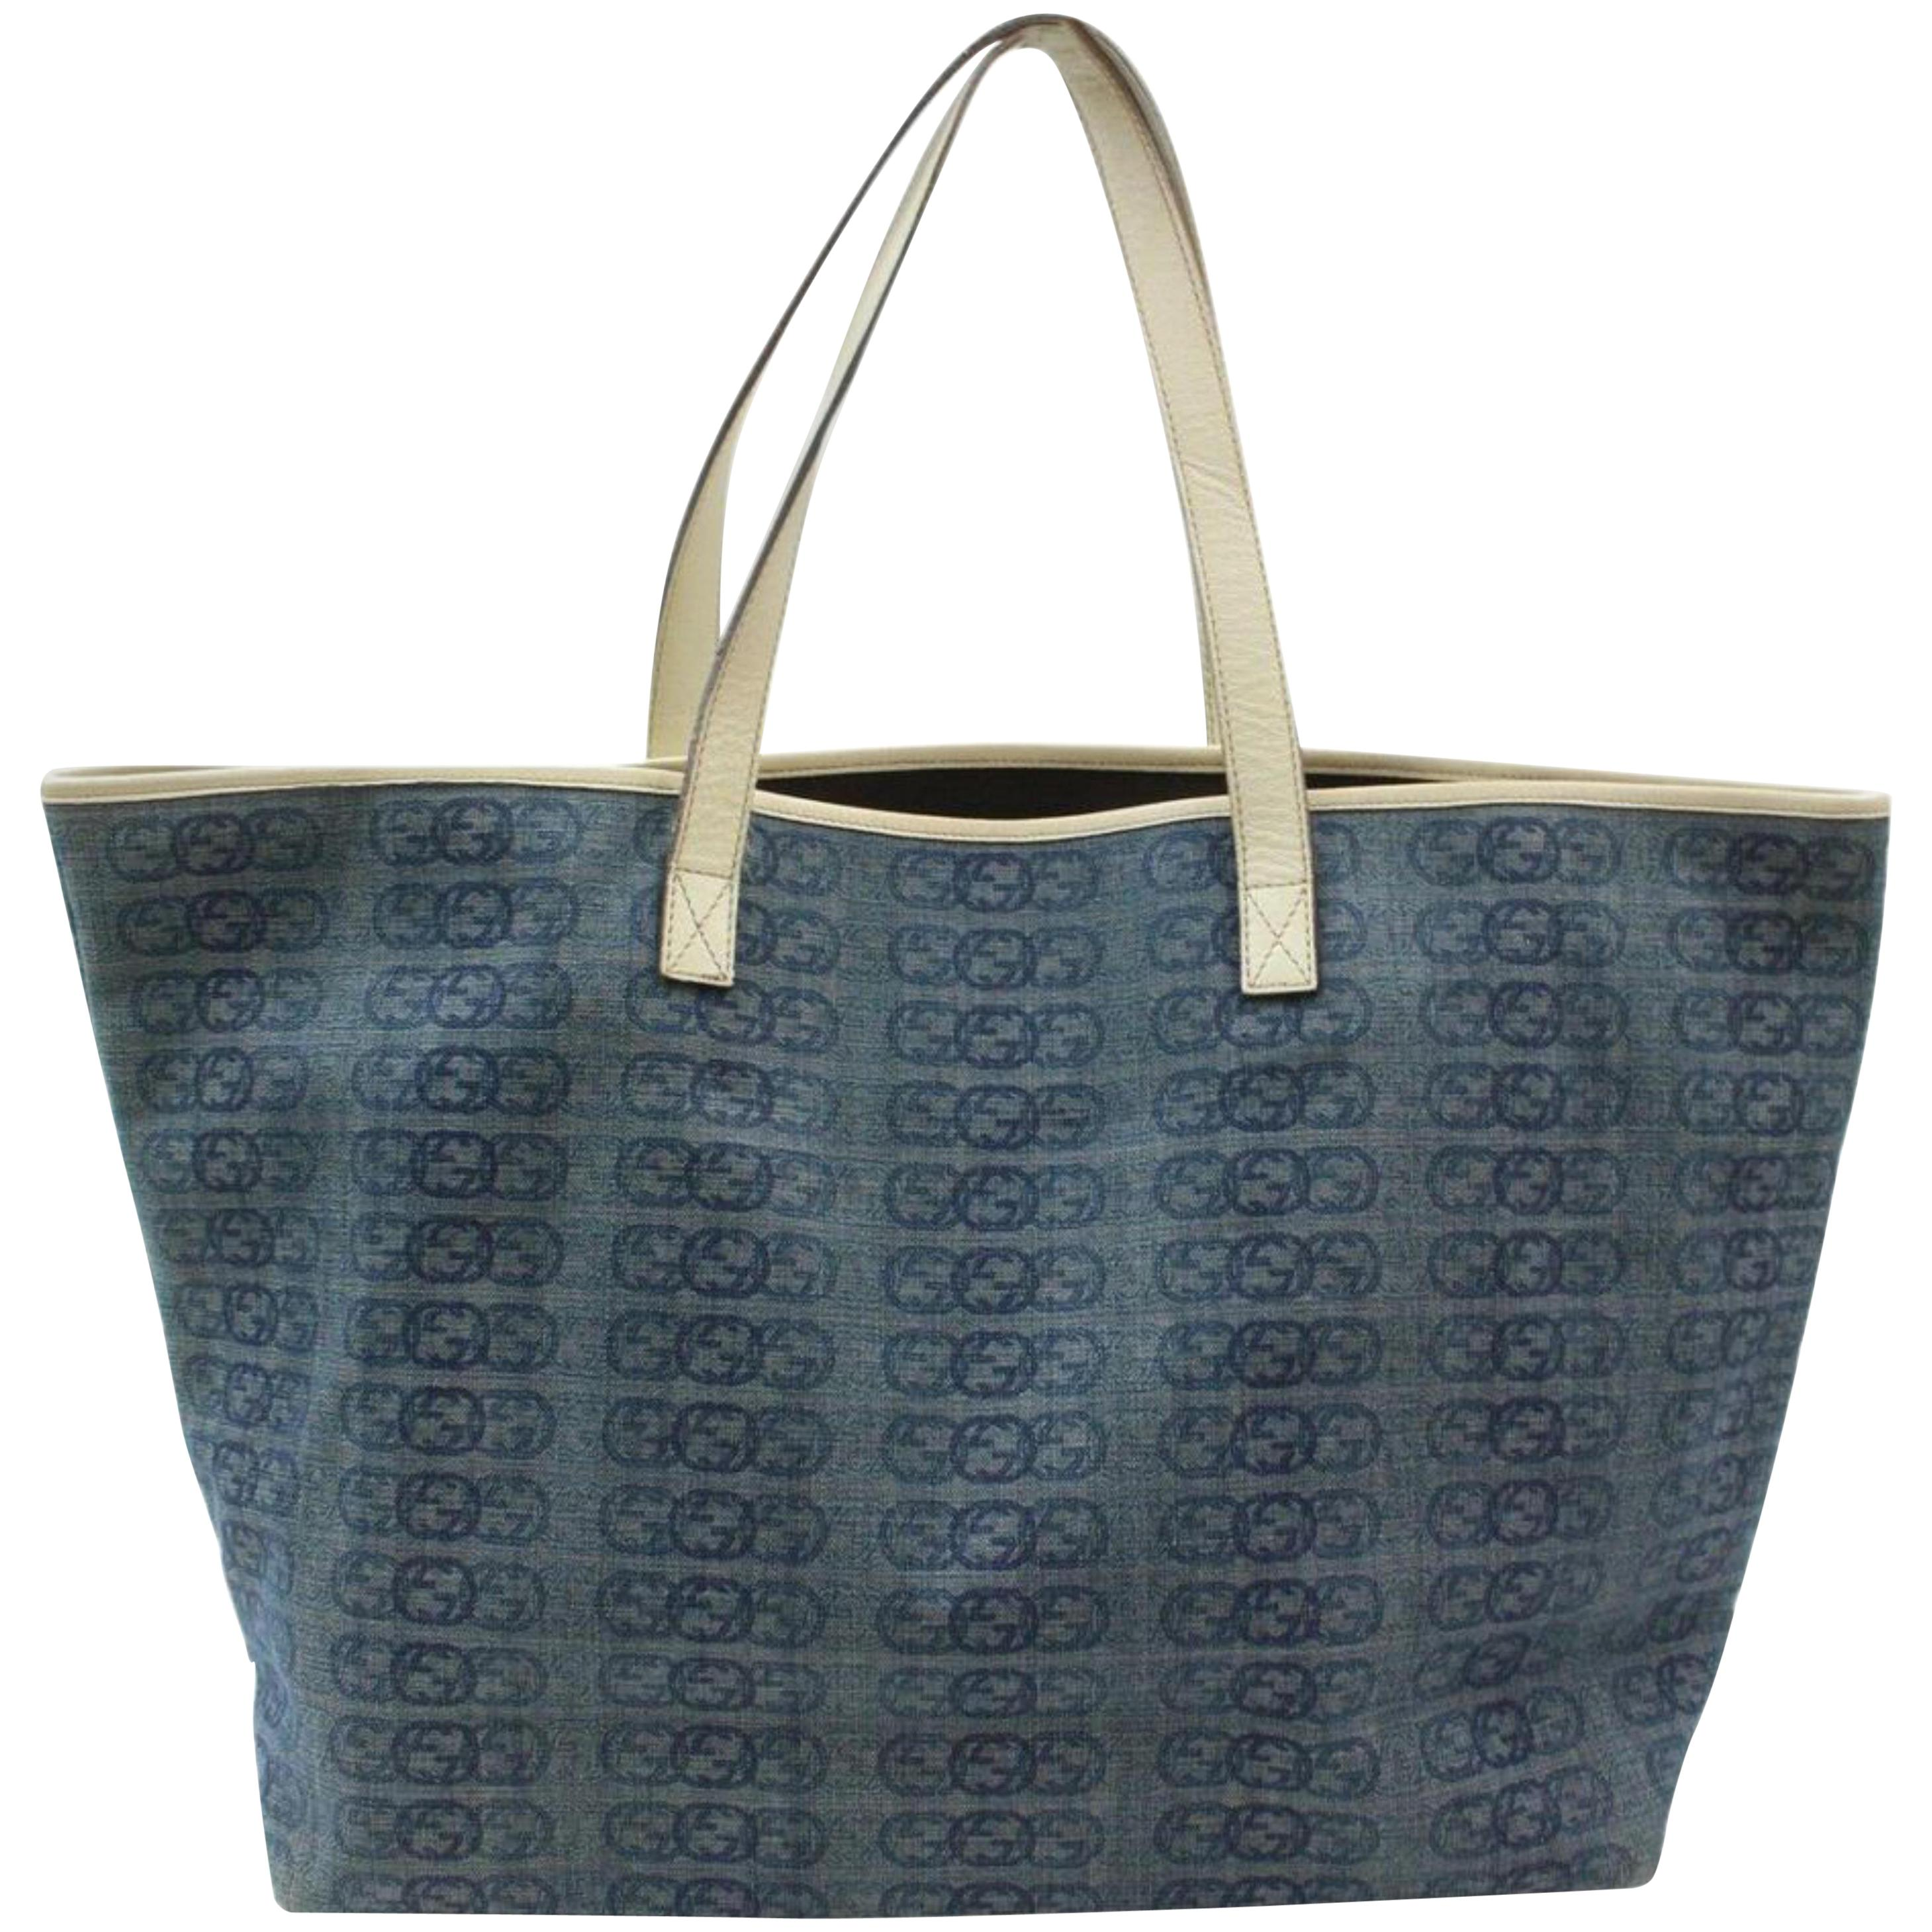 471b5b7e100 Vintage Gucci Handbags and Purses - 2